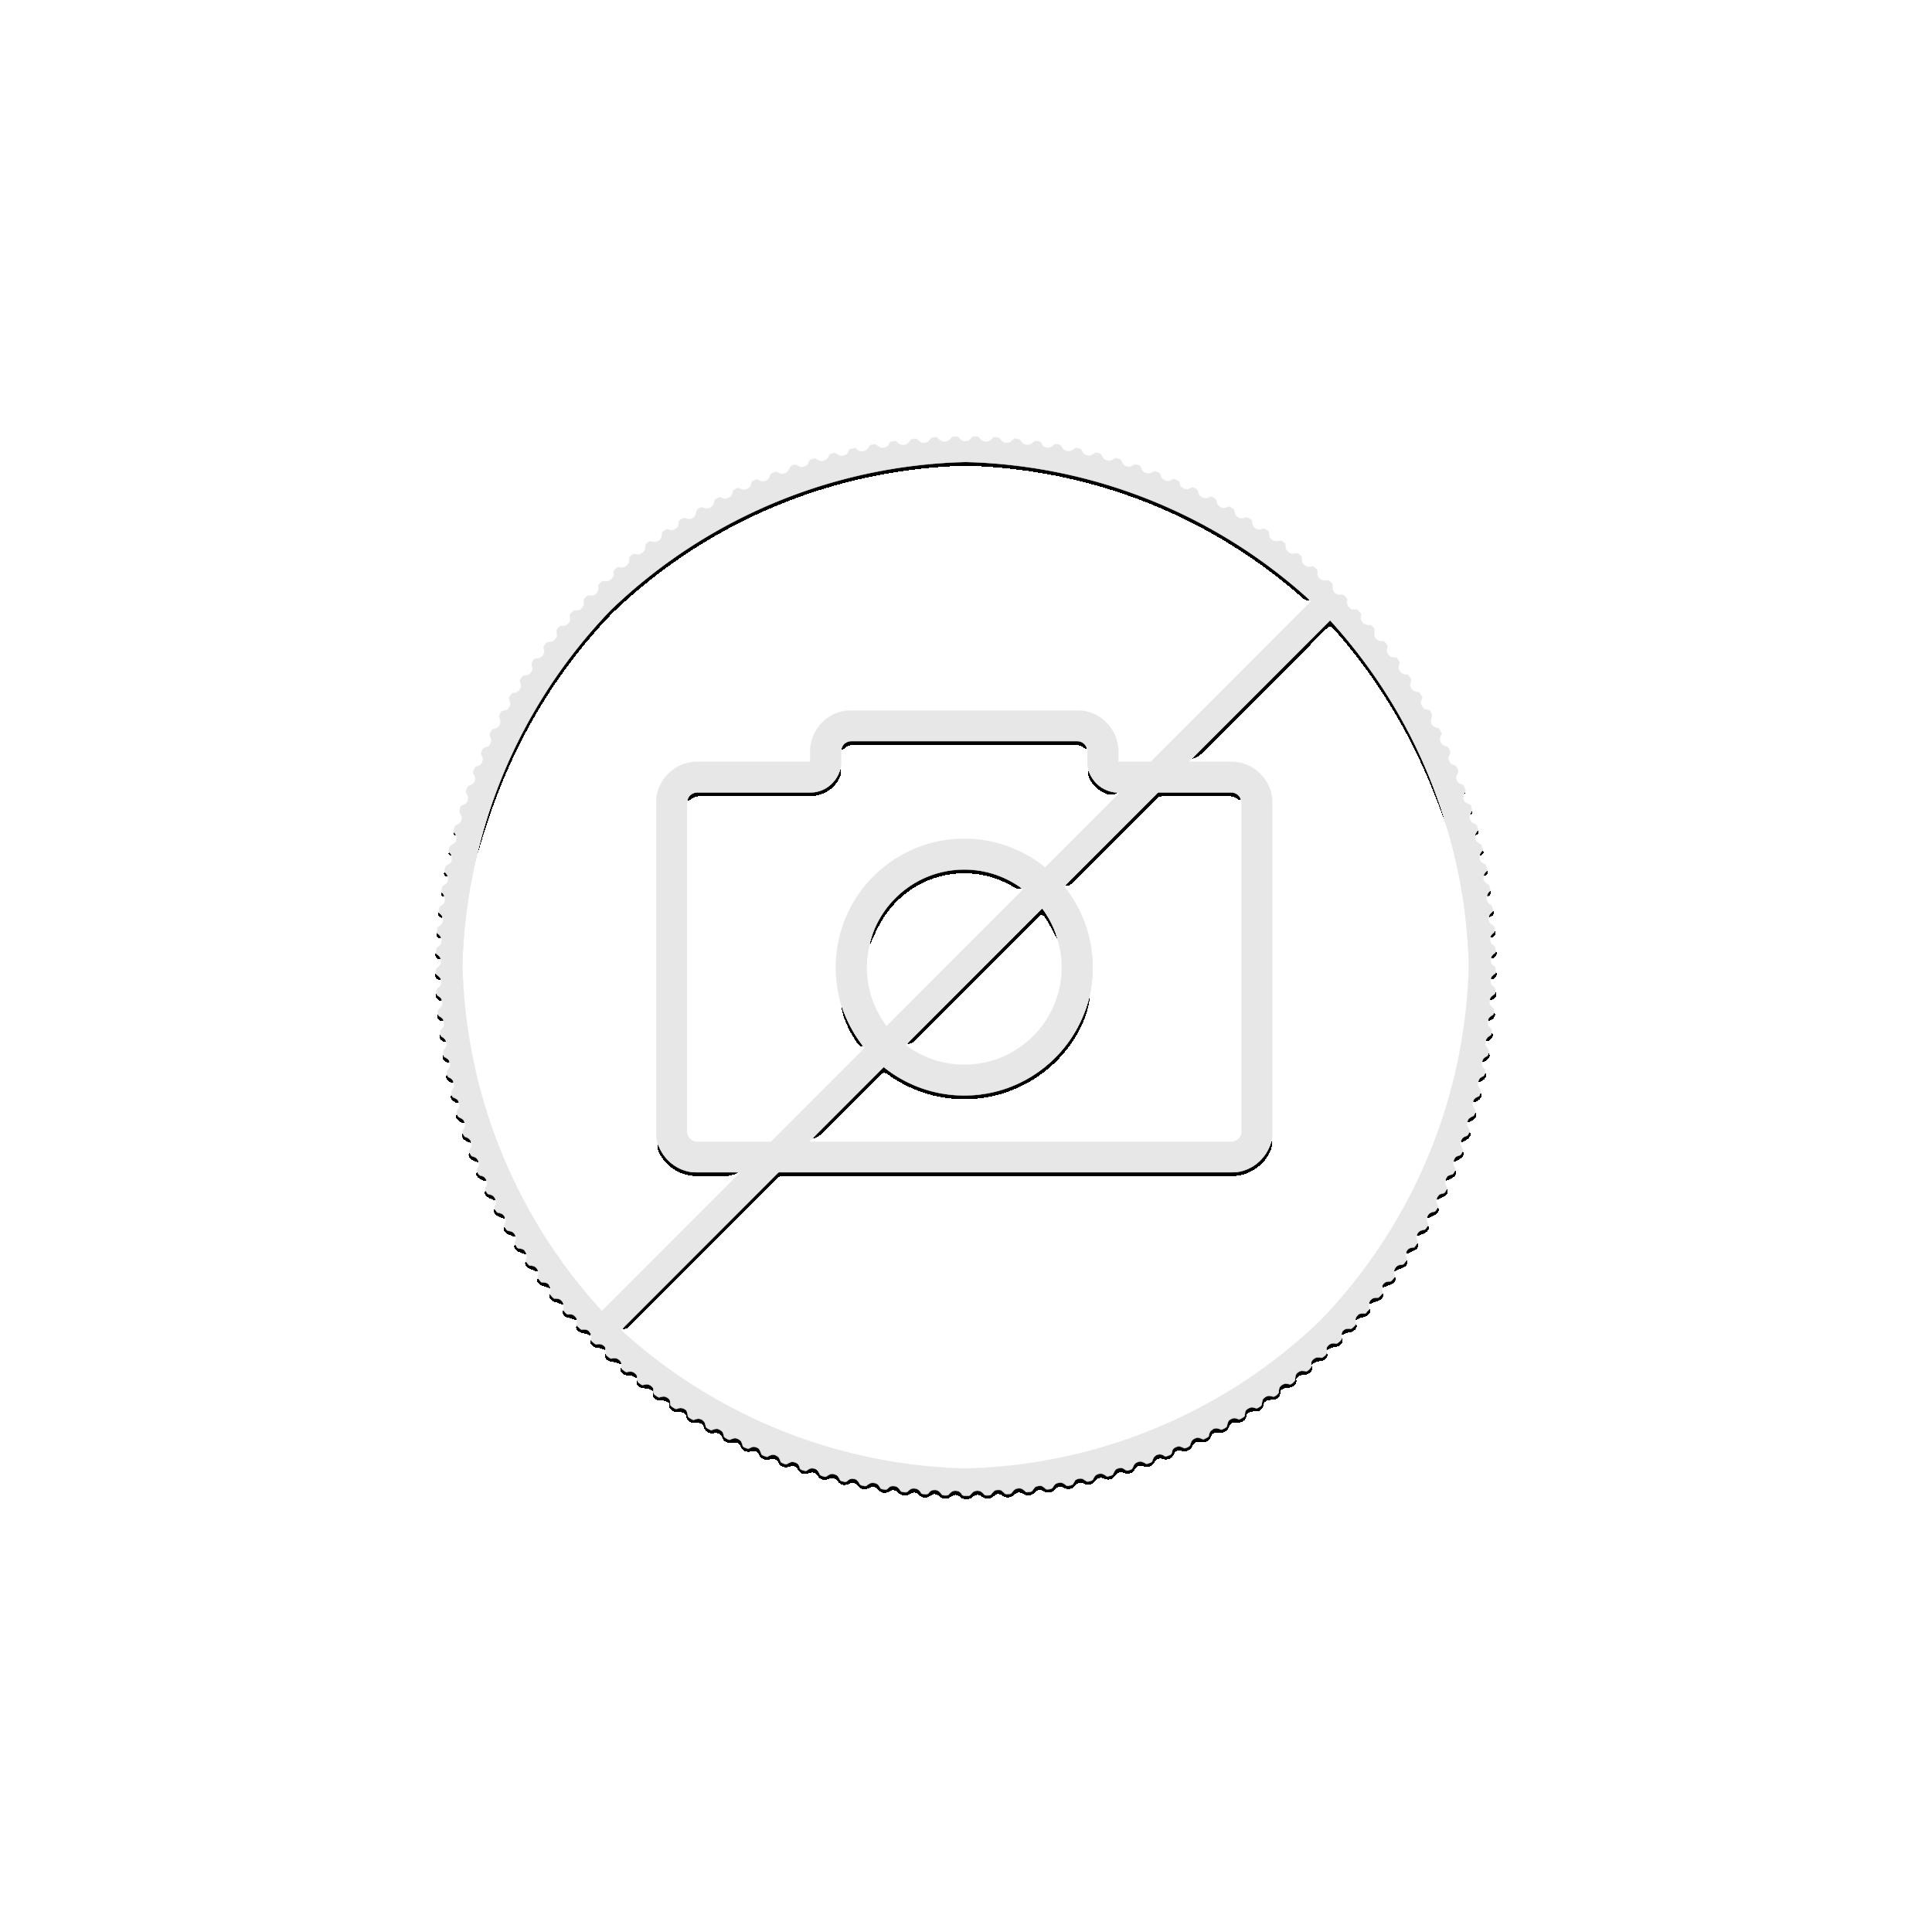 1 troy ounce silver coin Emu 2020